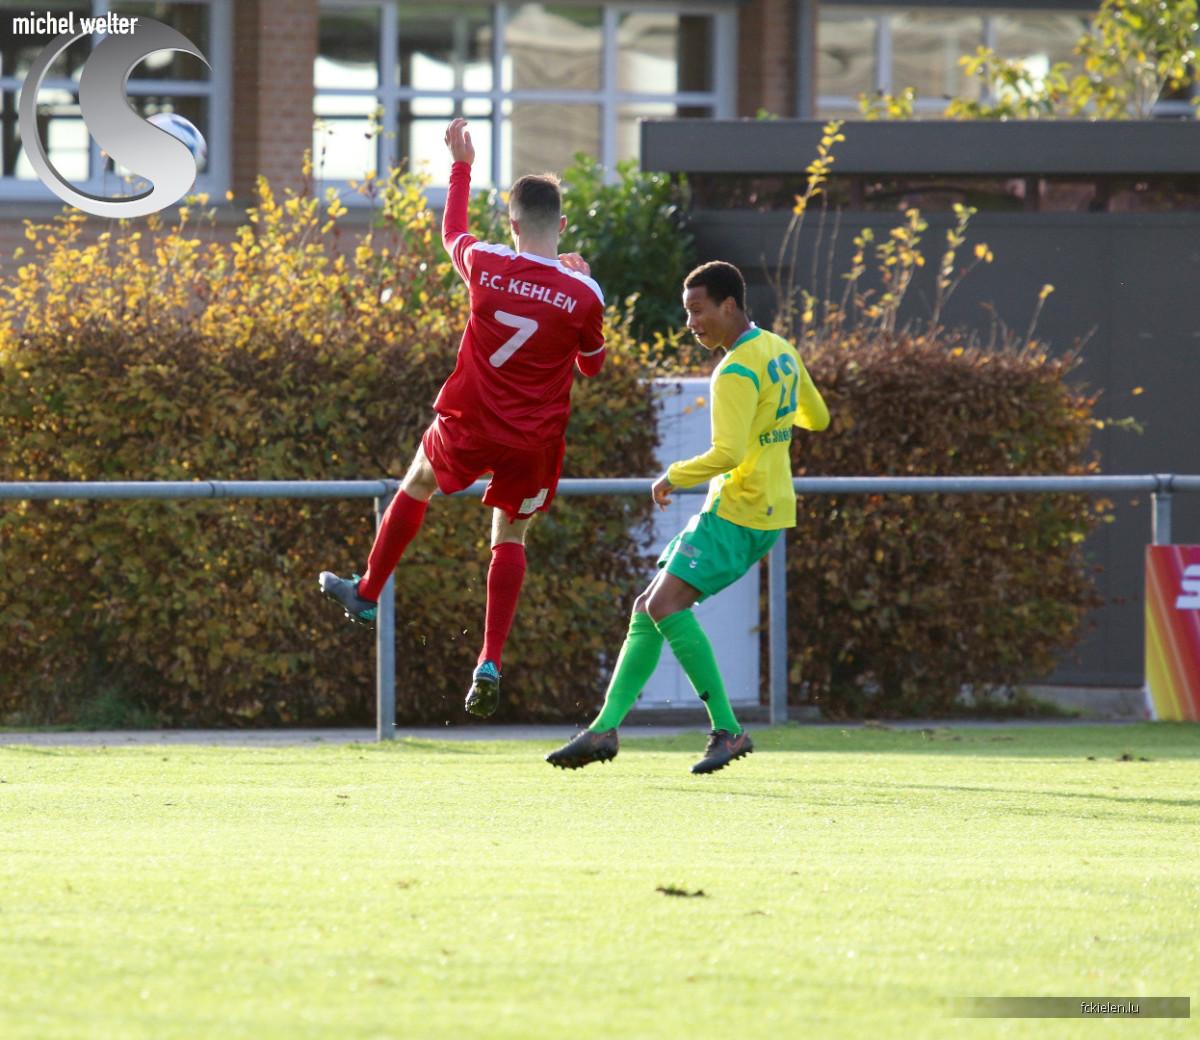 FC Kielen - FC Schëffleng 29.10.2017